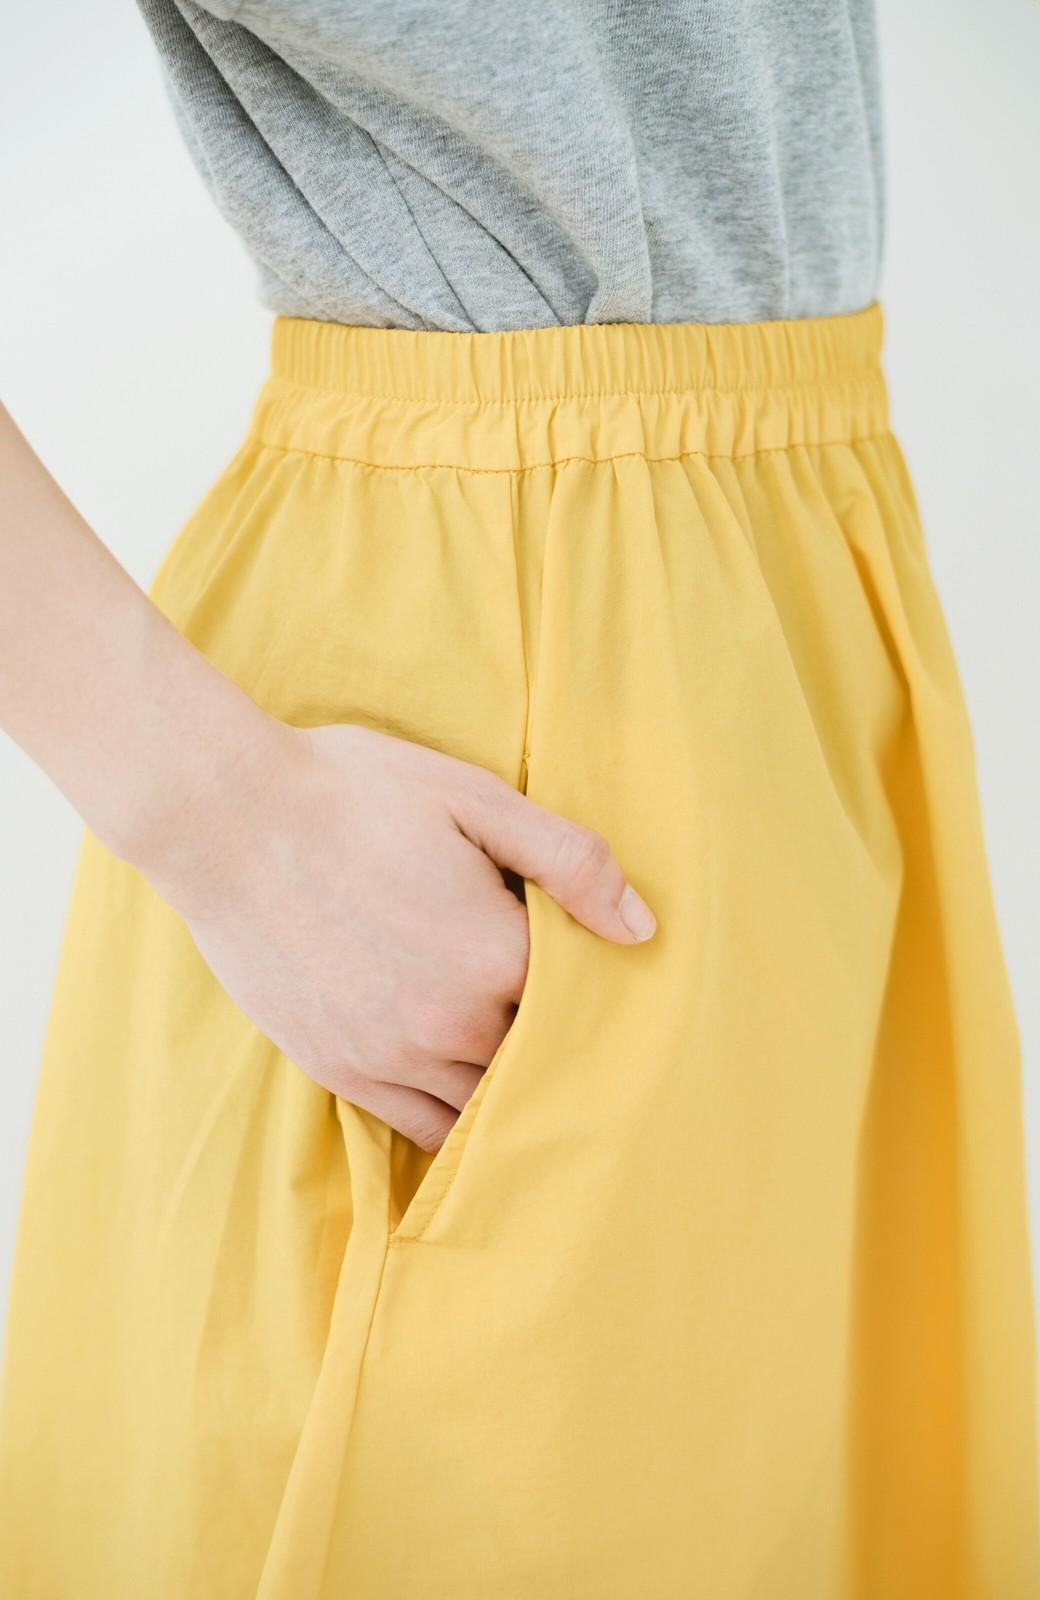 haco! 花や野菜を使って染めた 楽ちんキレイなフレアースカート <イエロー>の商品写真6